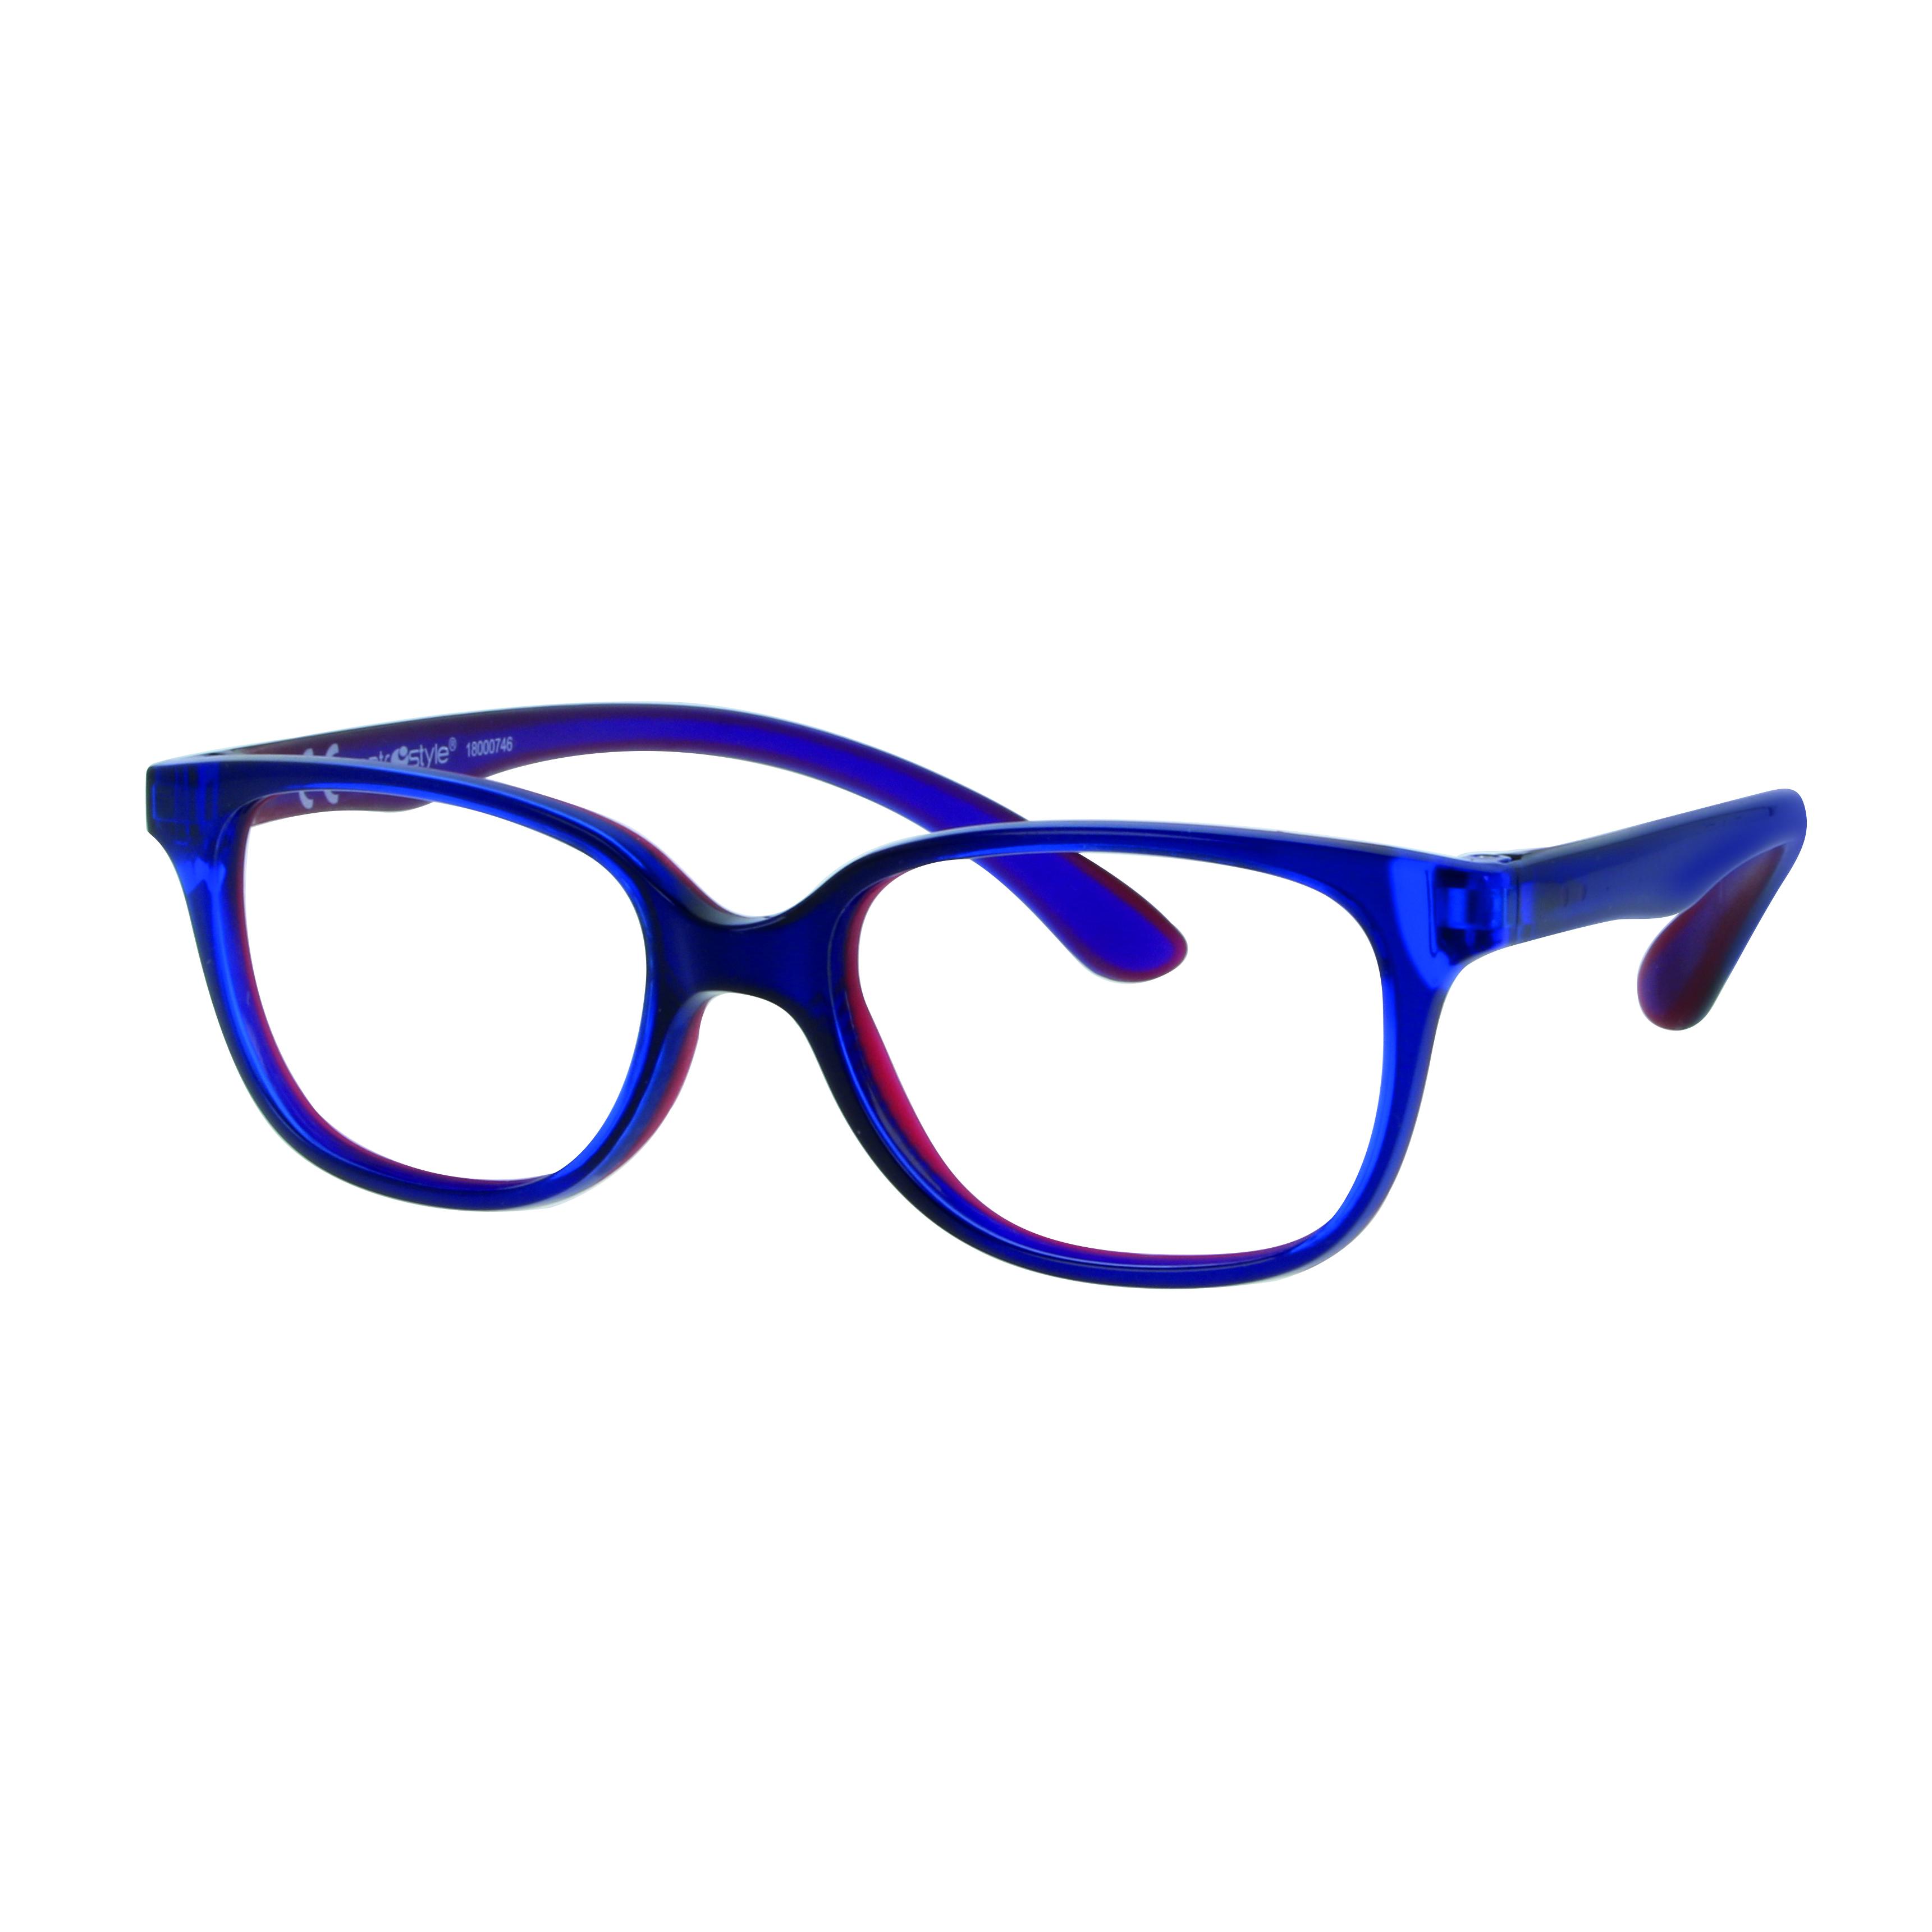 02F008346151000 - Armação Inf Active Rubber TR90/Goma 46x16 Azul/Vermelho Mod F008346151000  -Contém 1 Peça